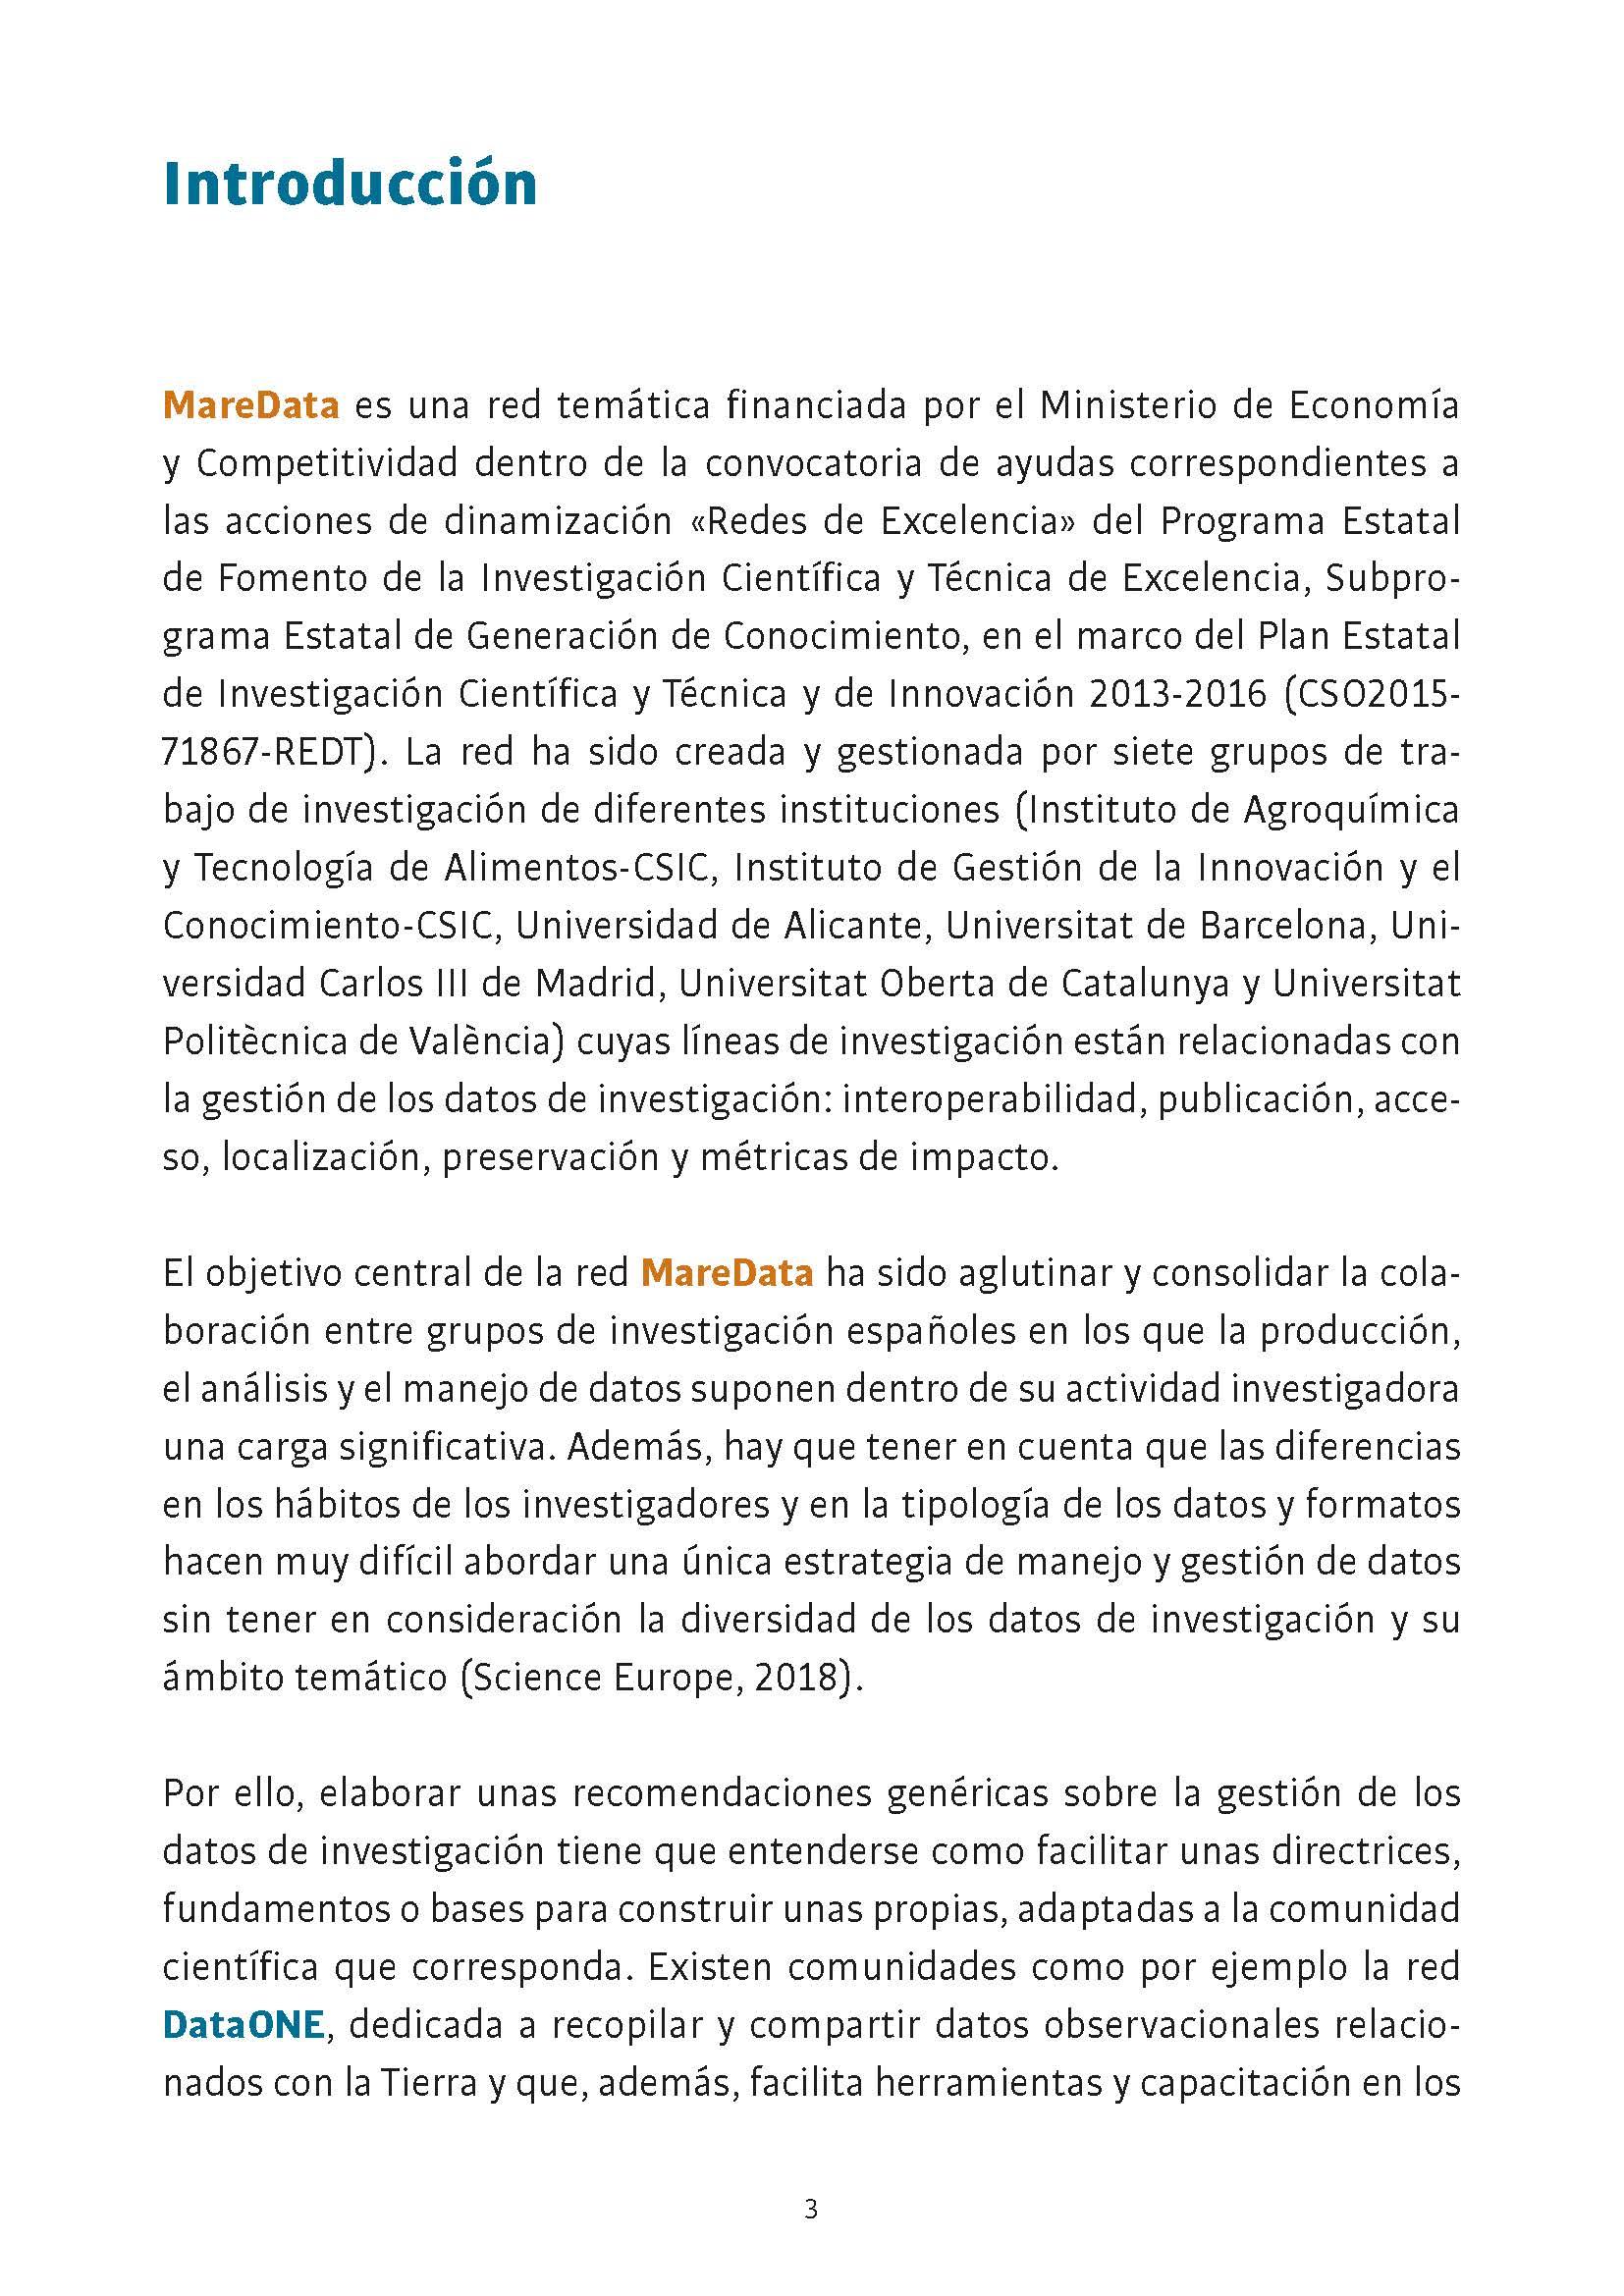 Maredata-recomendaciones-ESP_Página_03